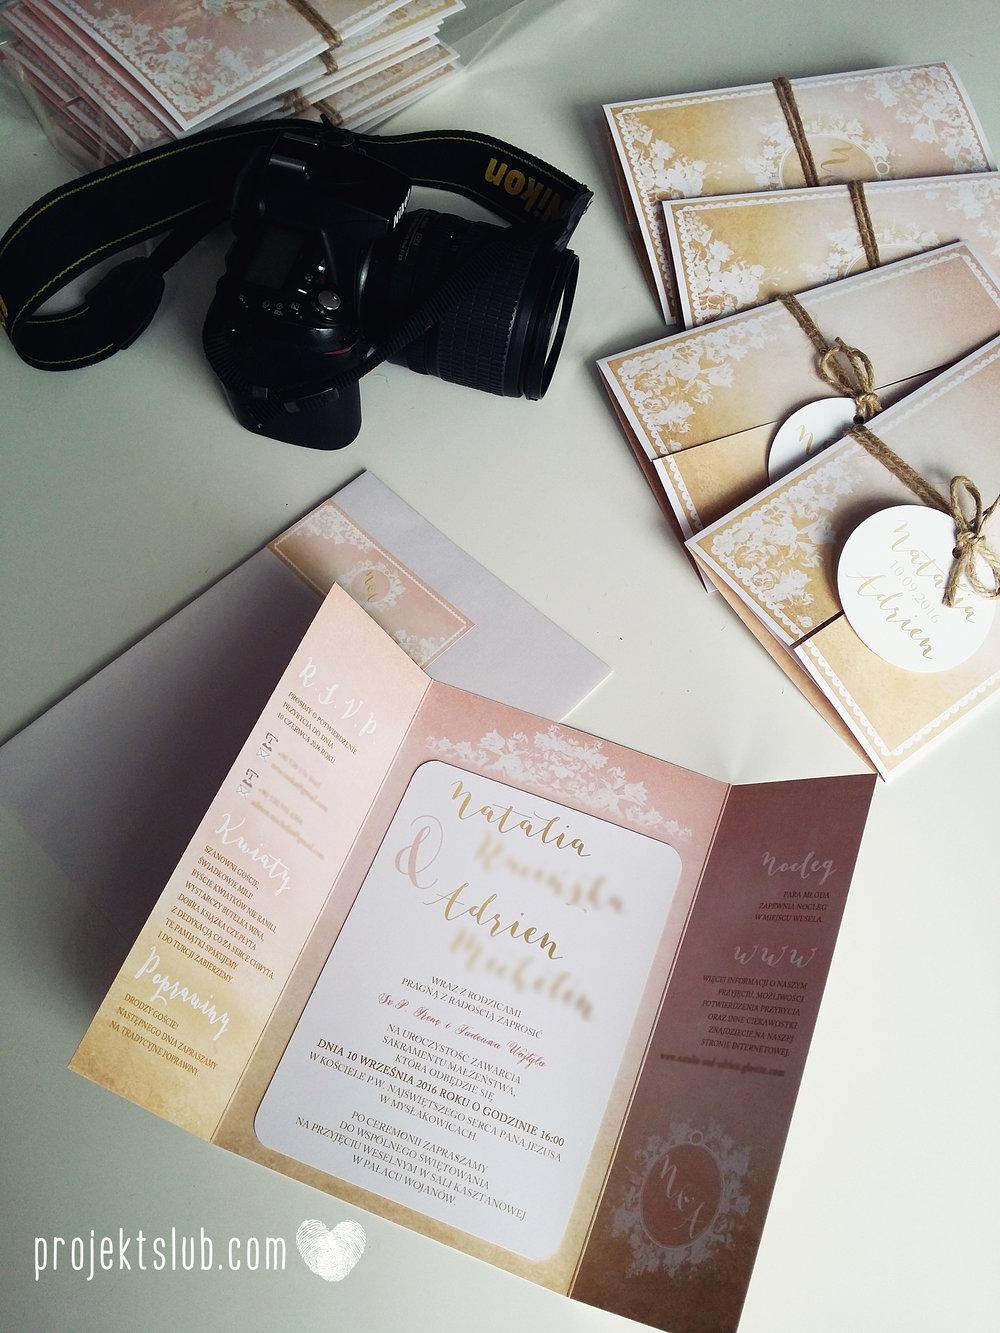 Zaproszenia ślubne rustykalne oryginalne wyjątkowe rustic eleganckie złoty róż ornamenty Projekt Ślub (41).jpg